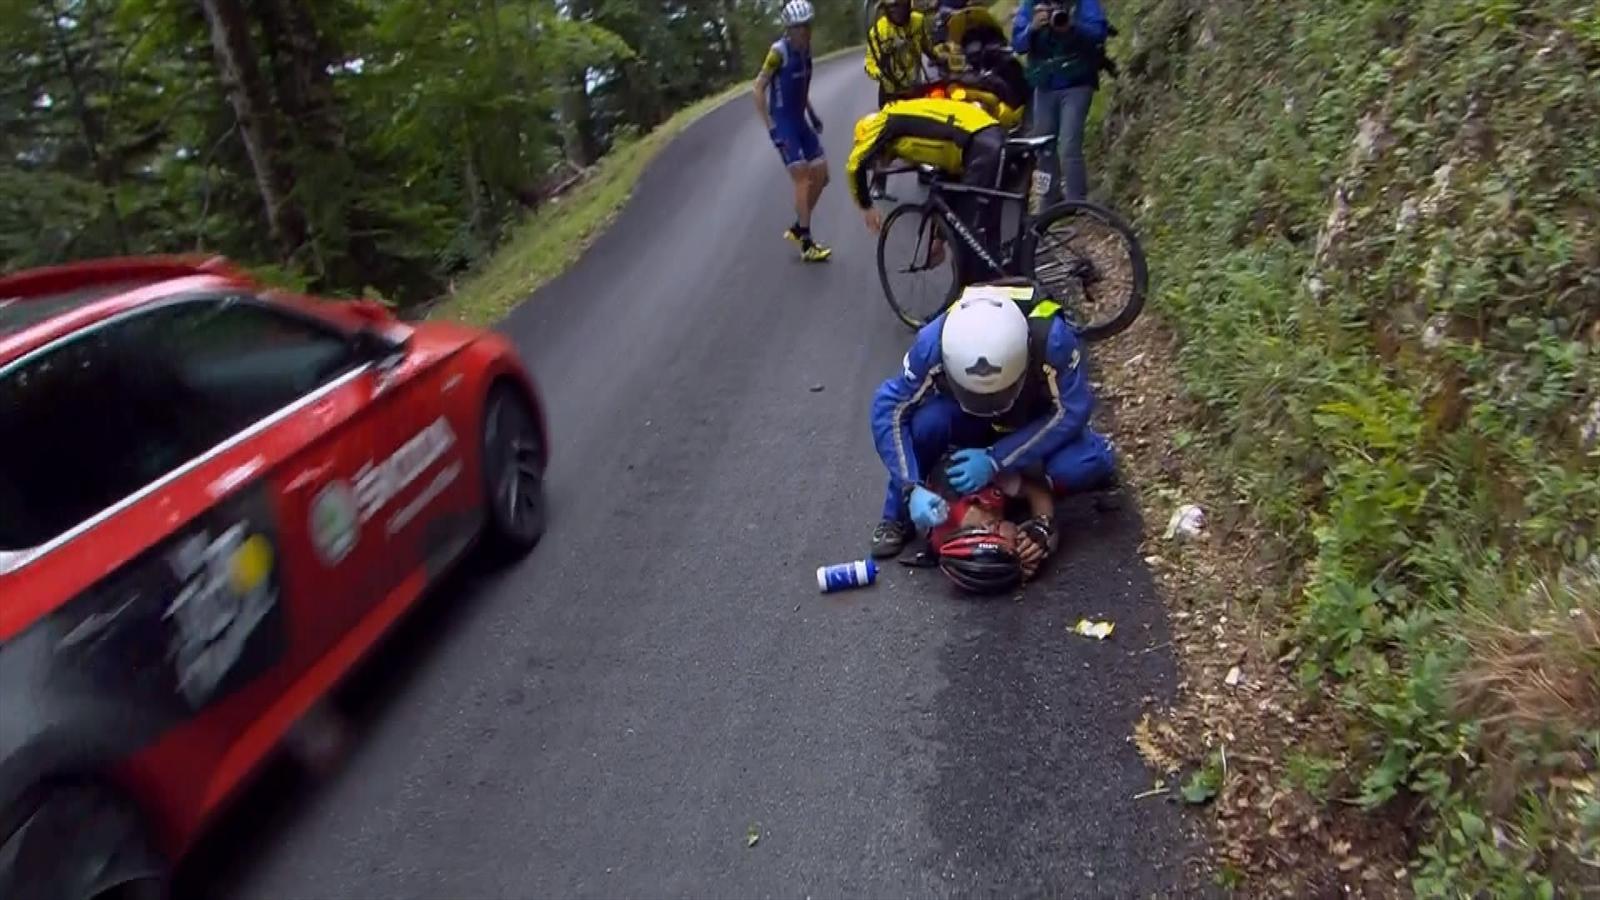 Video tour de france richie porte 39 s terrible crash with for Richie porte crash